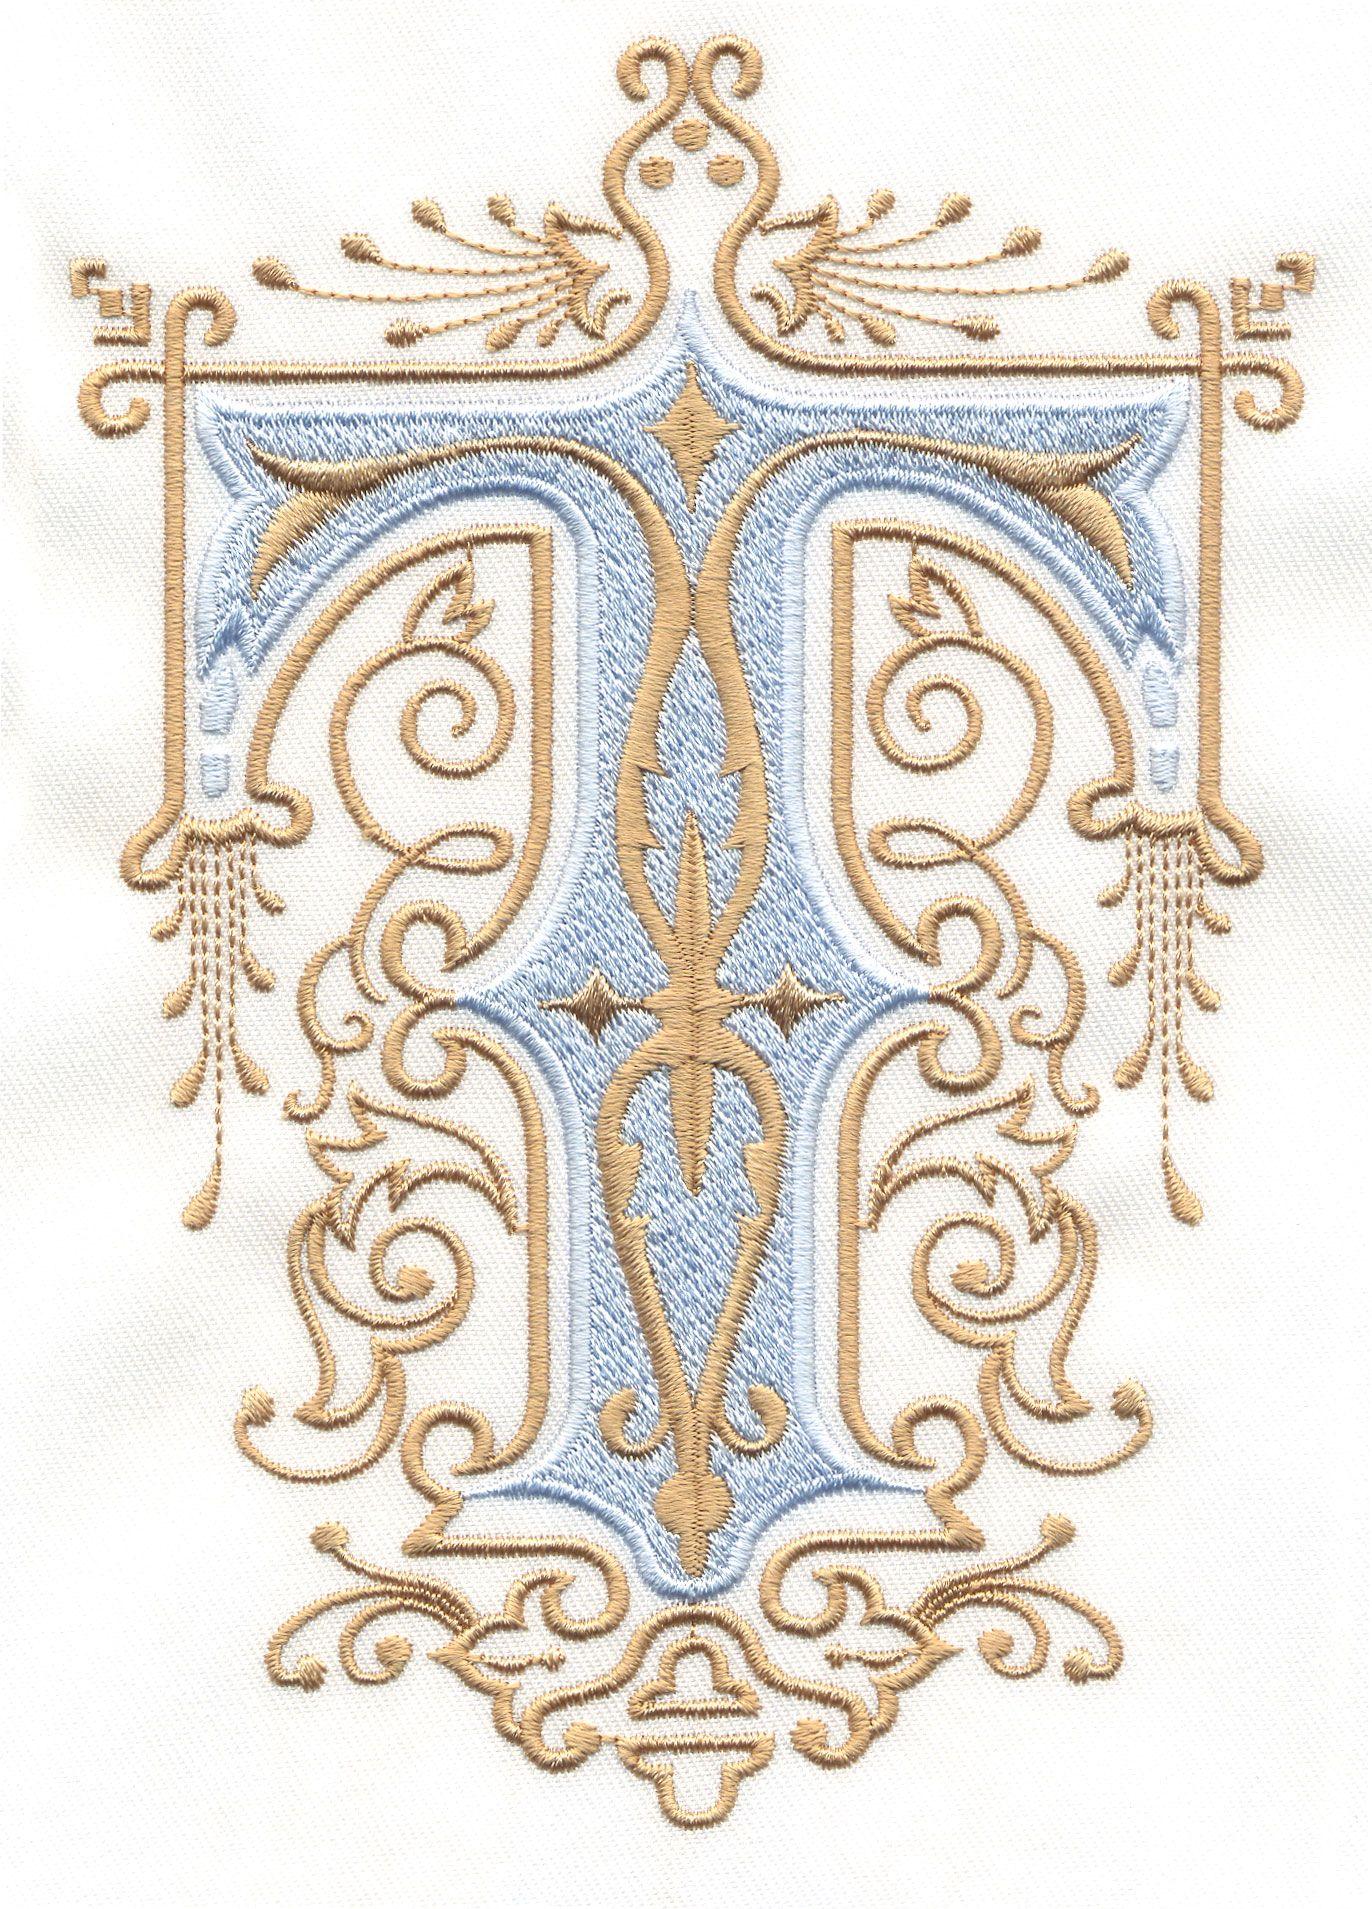 Vintage Royal Alphabet Accent Designs 2013 Alphabets Details